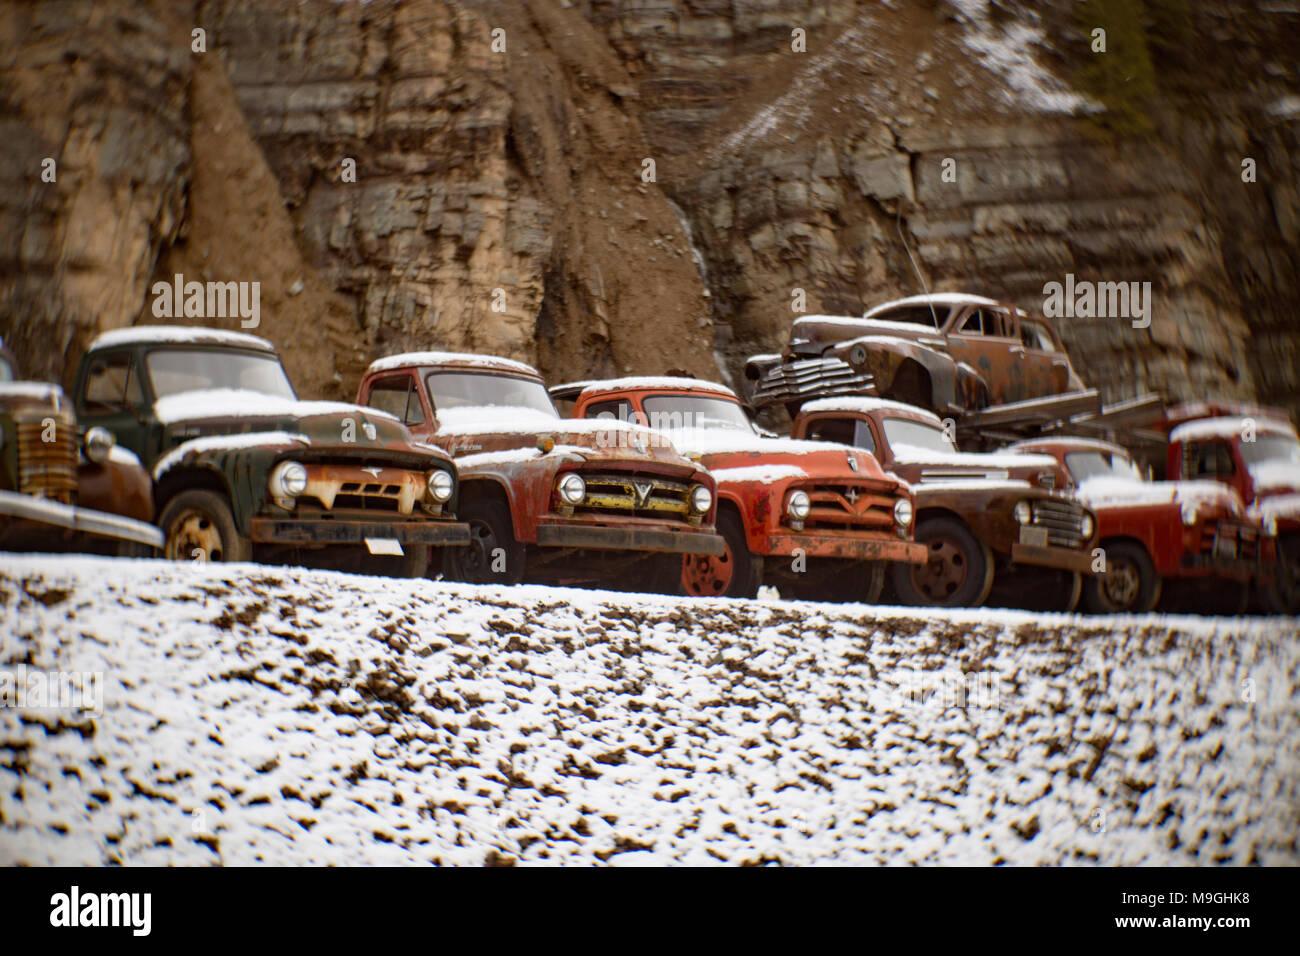 Eine Reihe von alten Ford Pickup Trucks aus den 1940er und 1950er Jahren, in einem alten Steinbruch, östlich von Clark Gabel Idaho. Stockbild